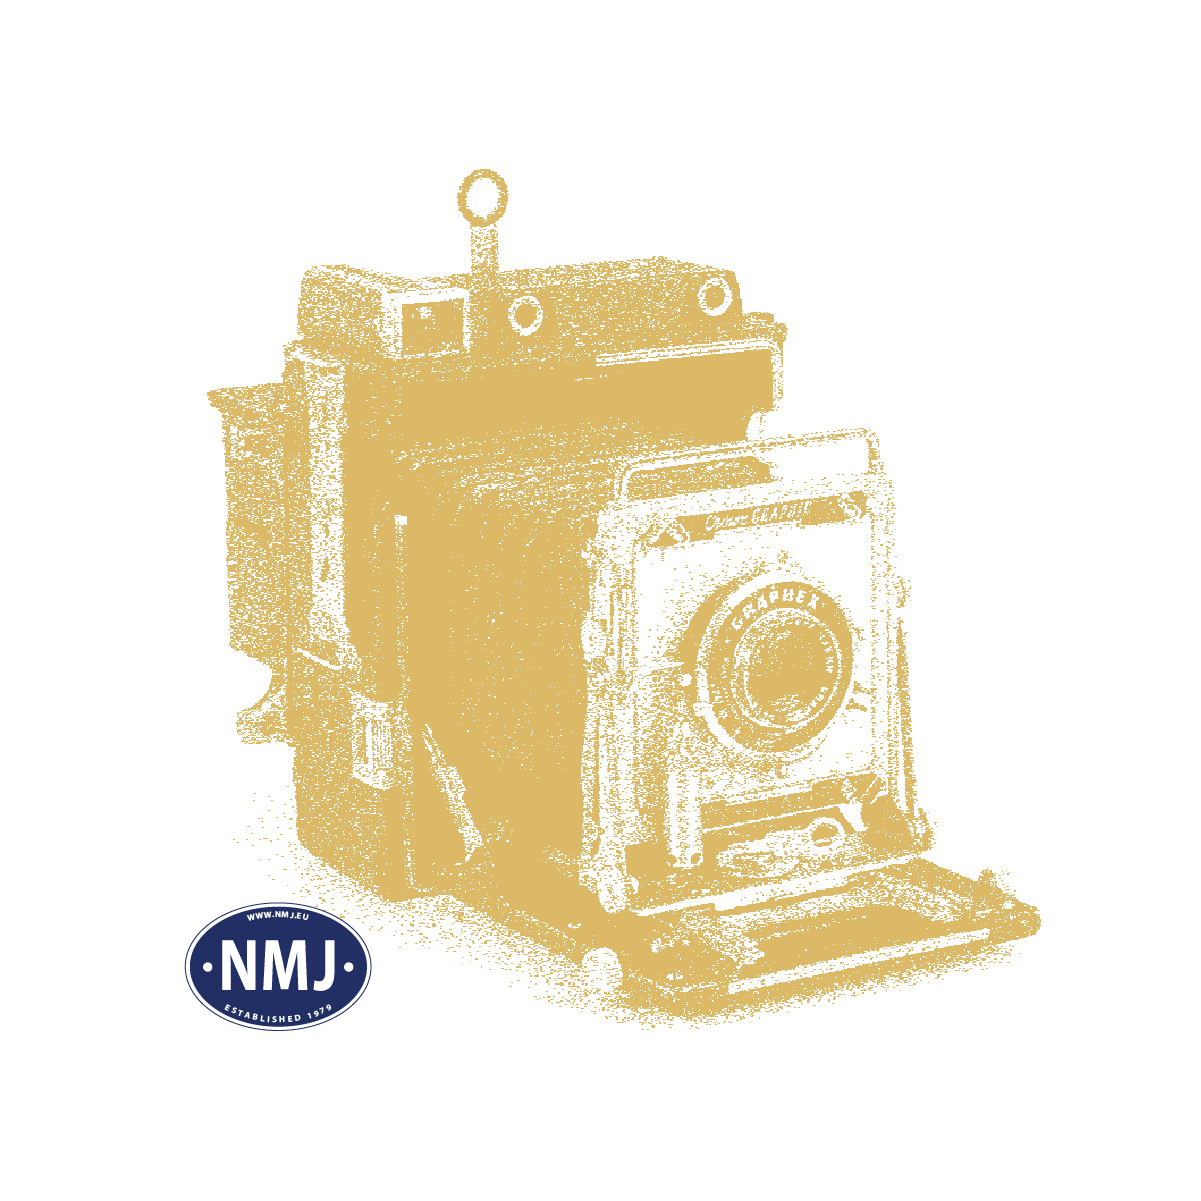 NMJT505.301 - NMJ Topline NSB Rps 31 76 393 3 013-1 m/ Finsam fliskasser